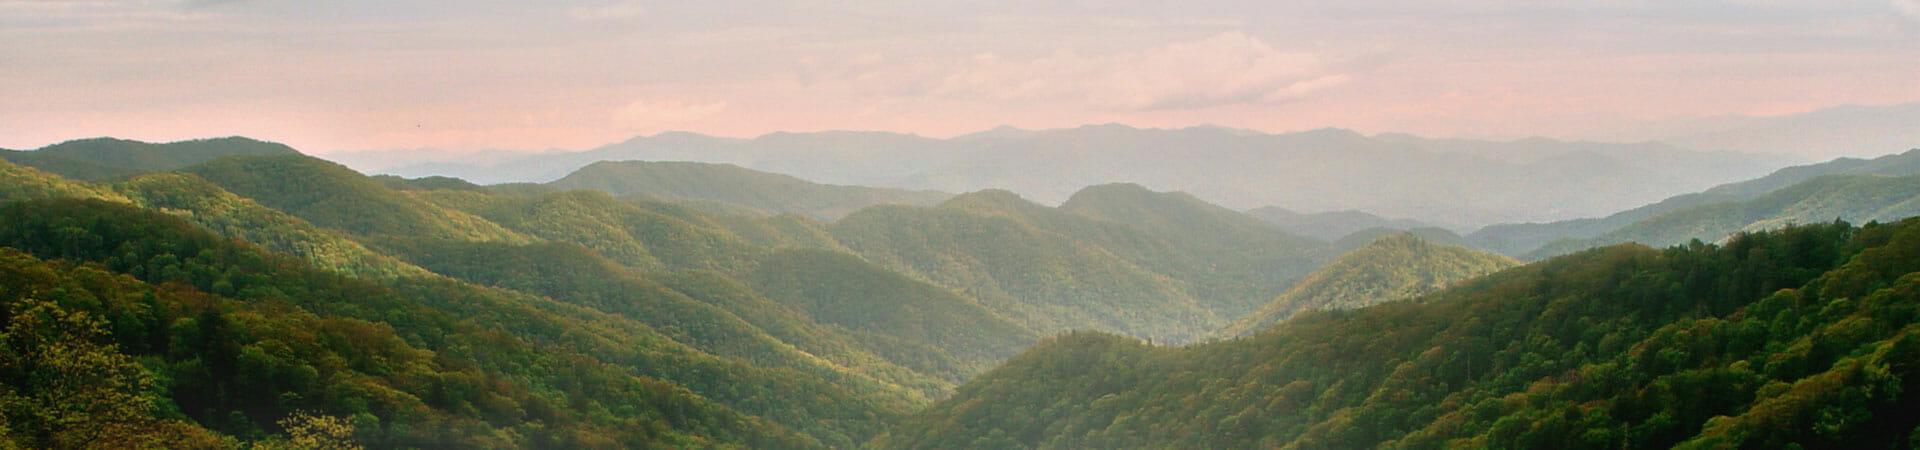 panorama-blue-ridge-mountains